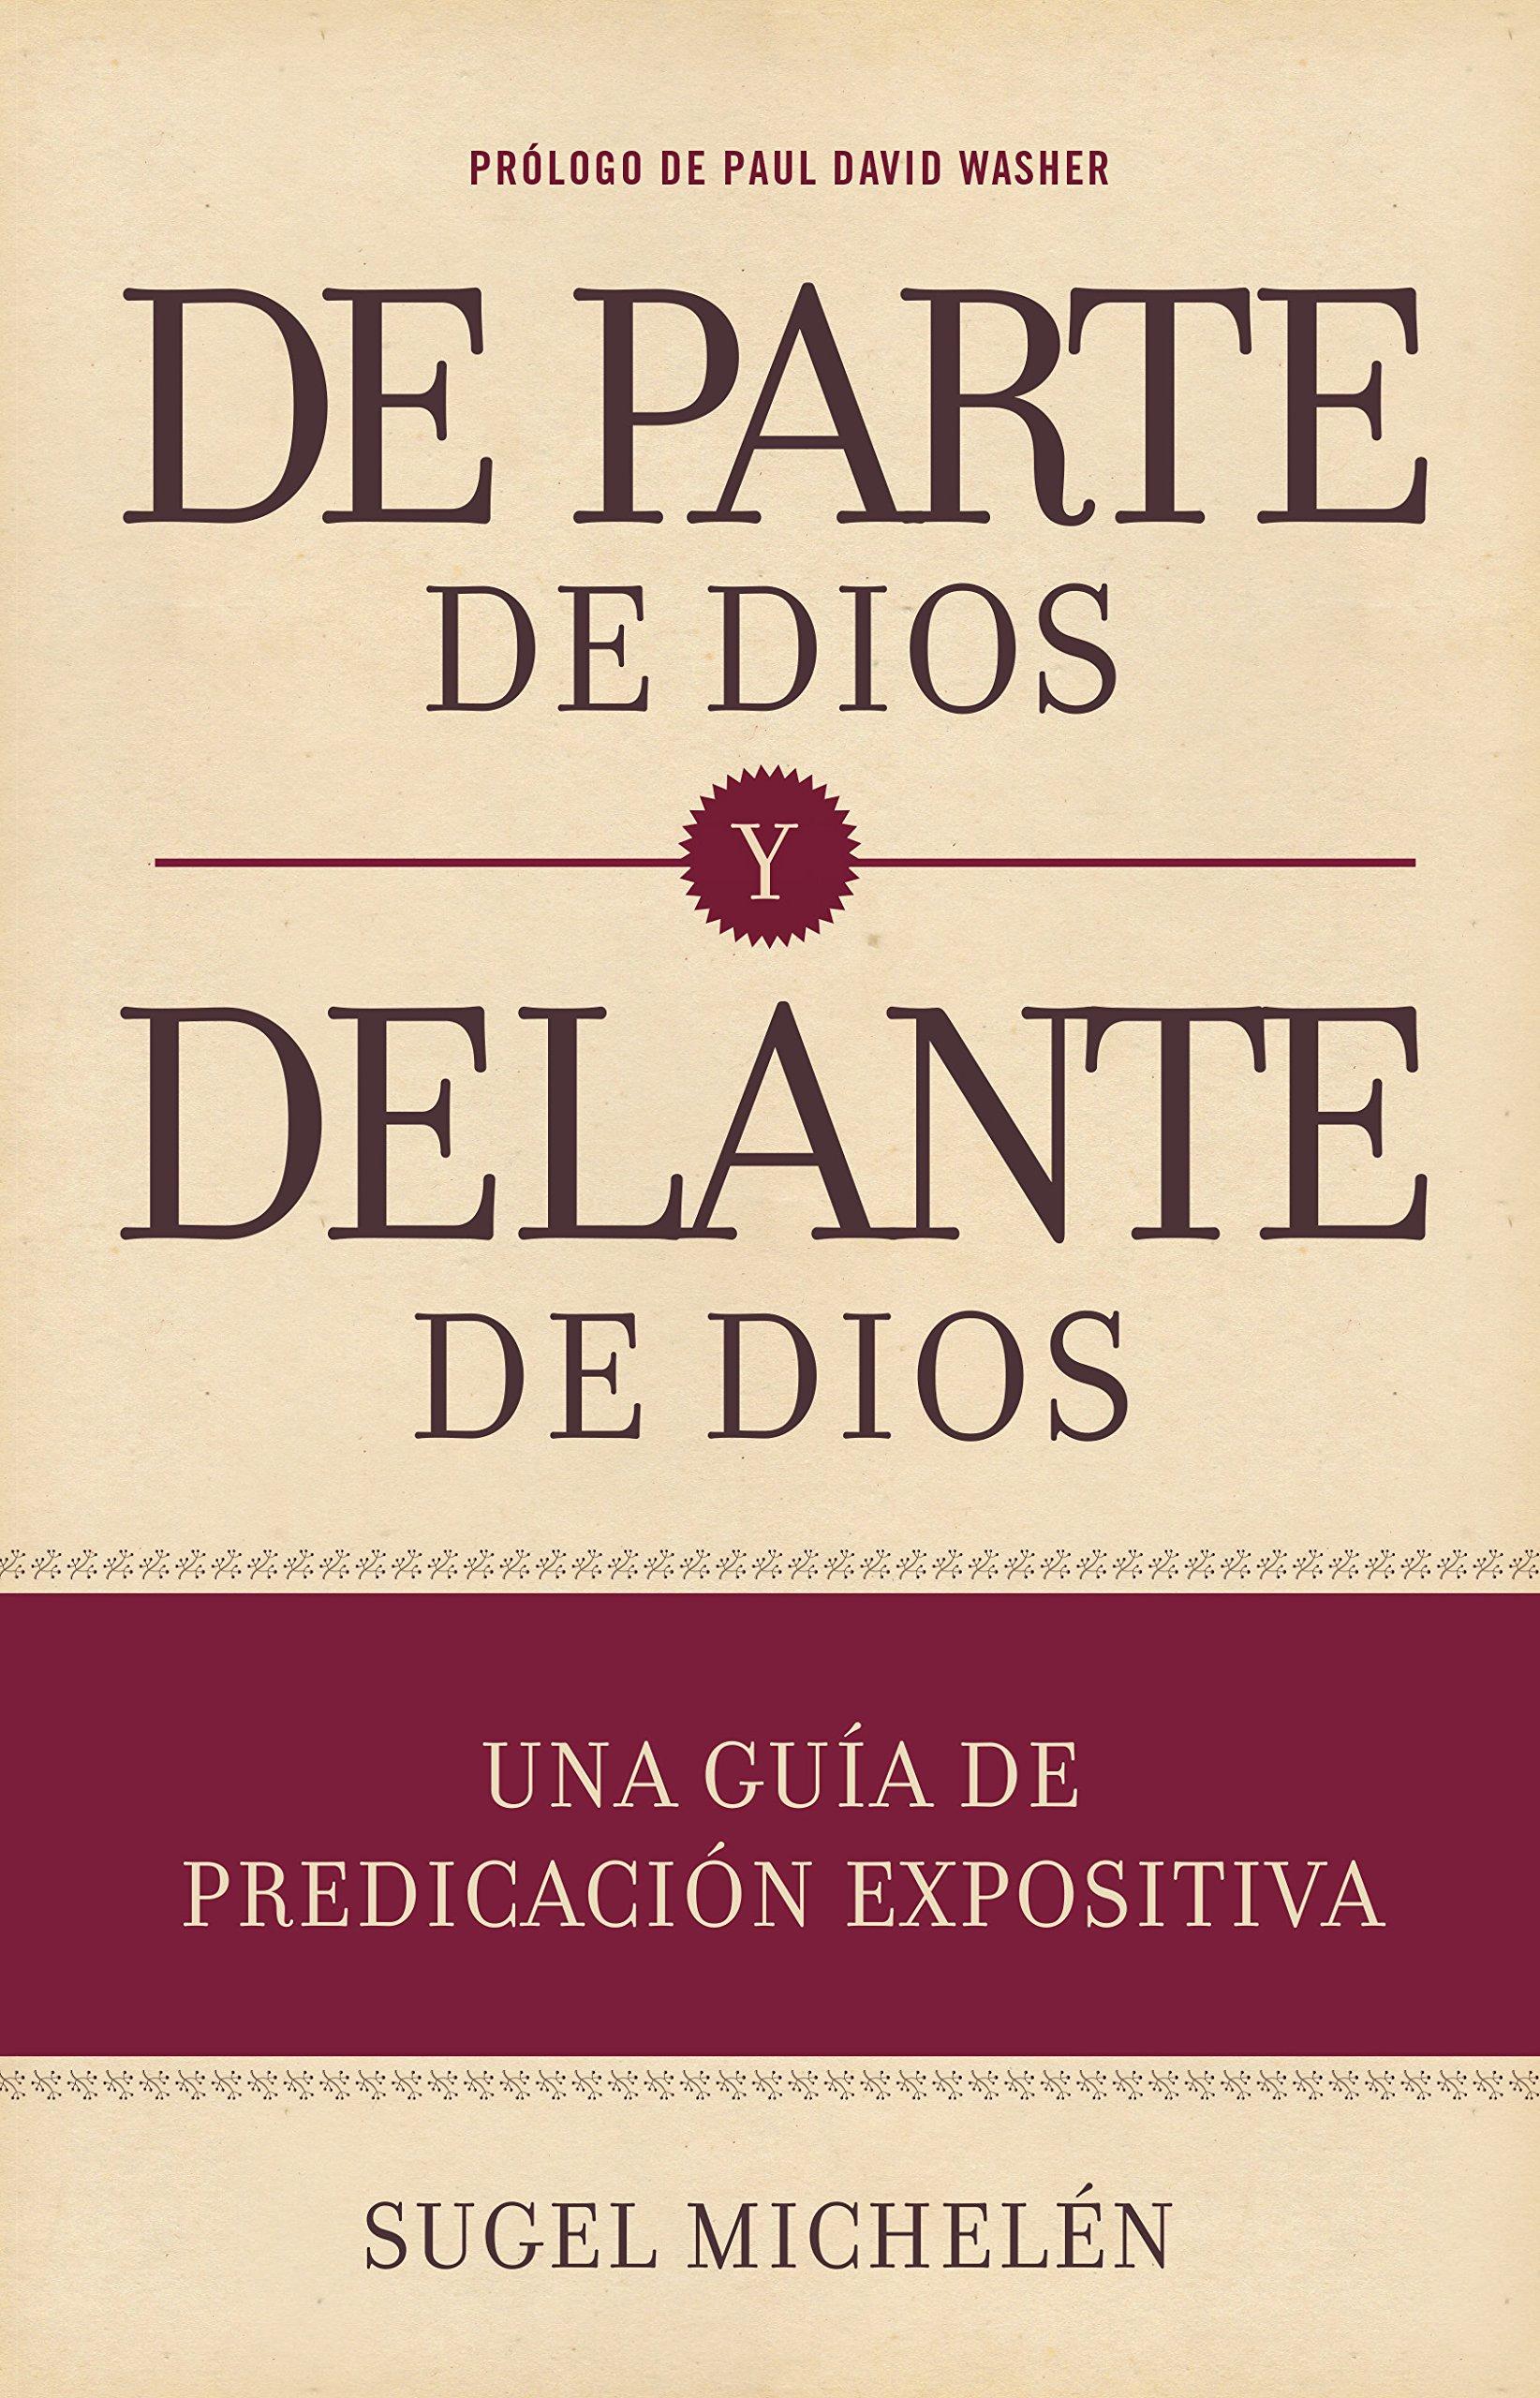 De parte de Dios y delante de Dios: Una guía de predicación expositiva: Amazon.es: Michelén, Sugel: Libros